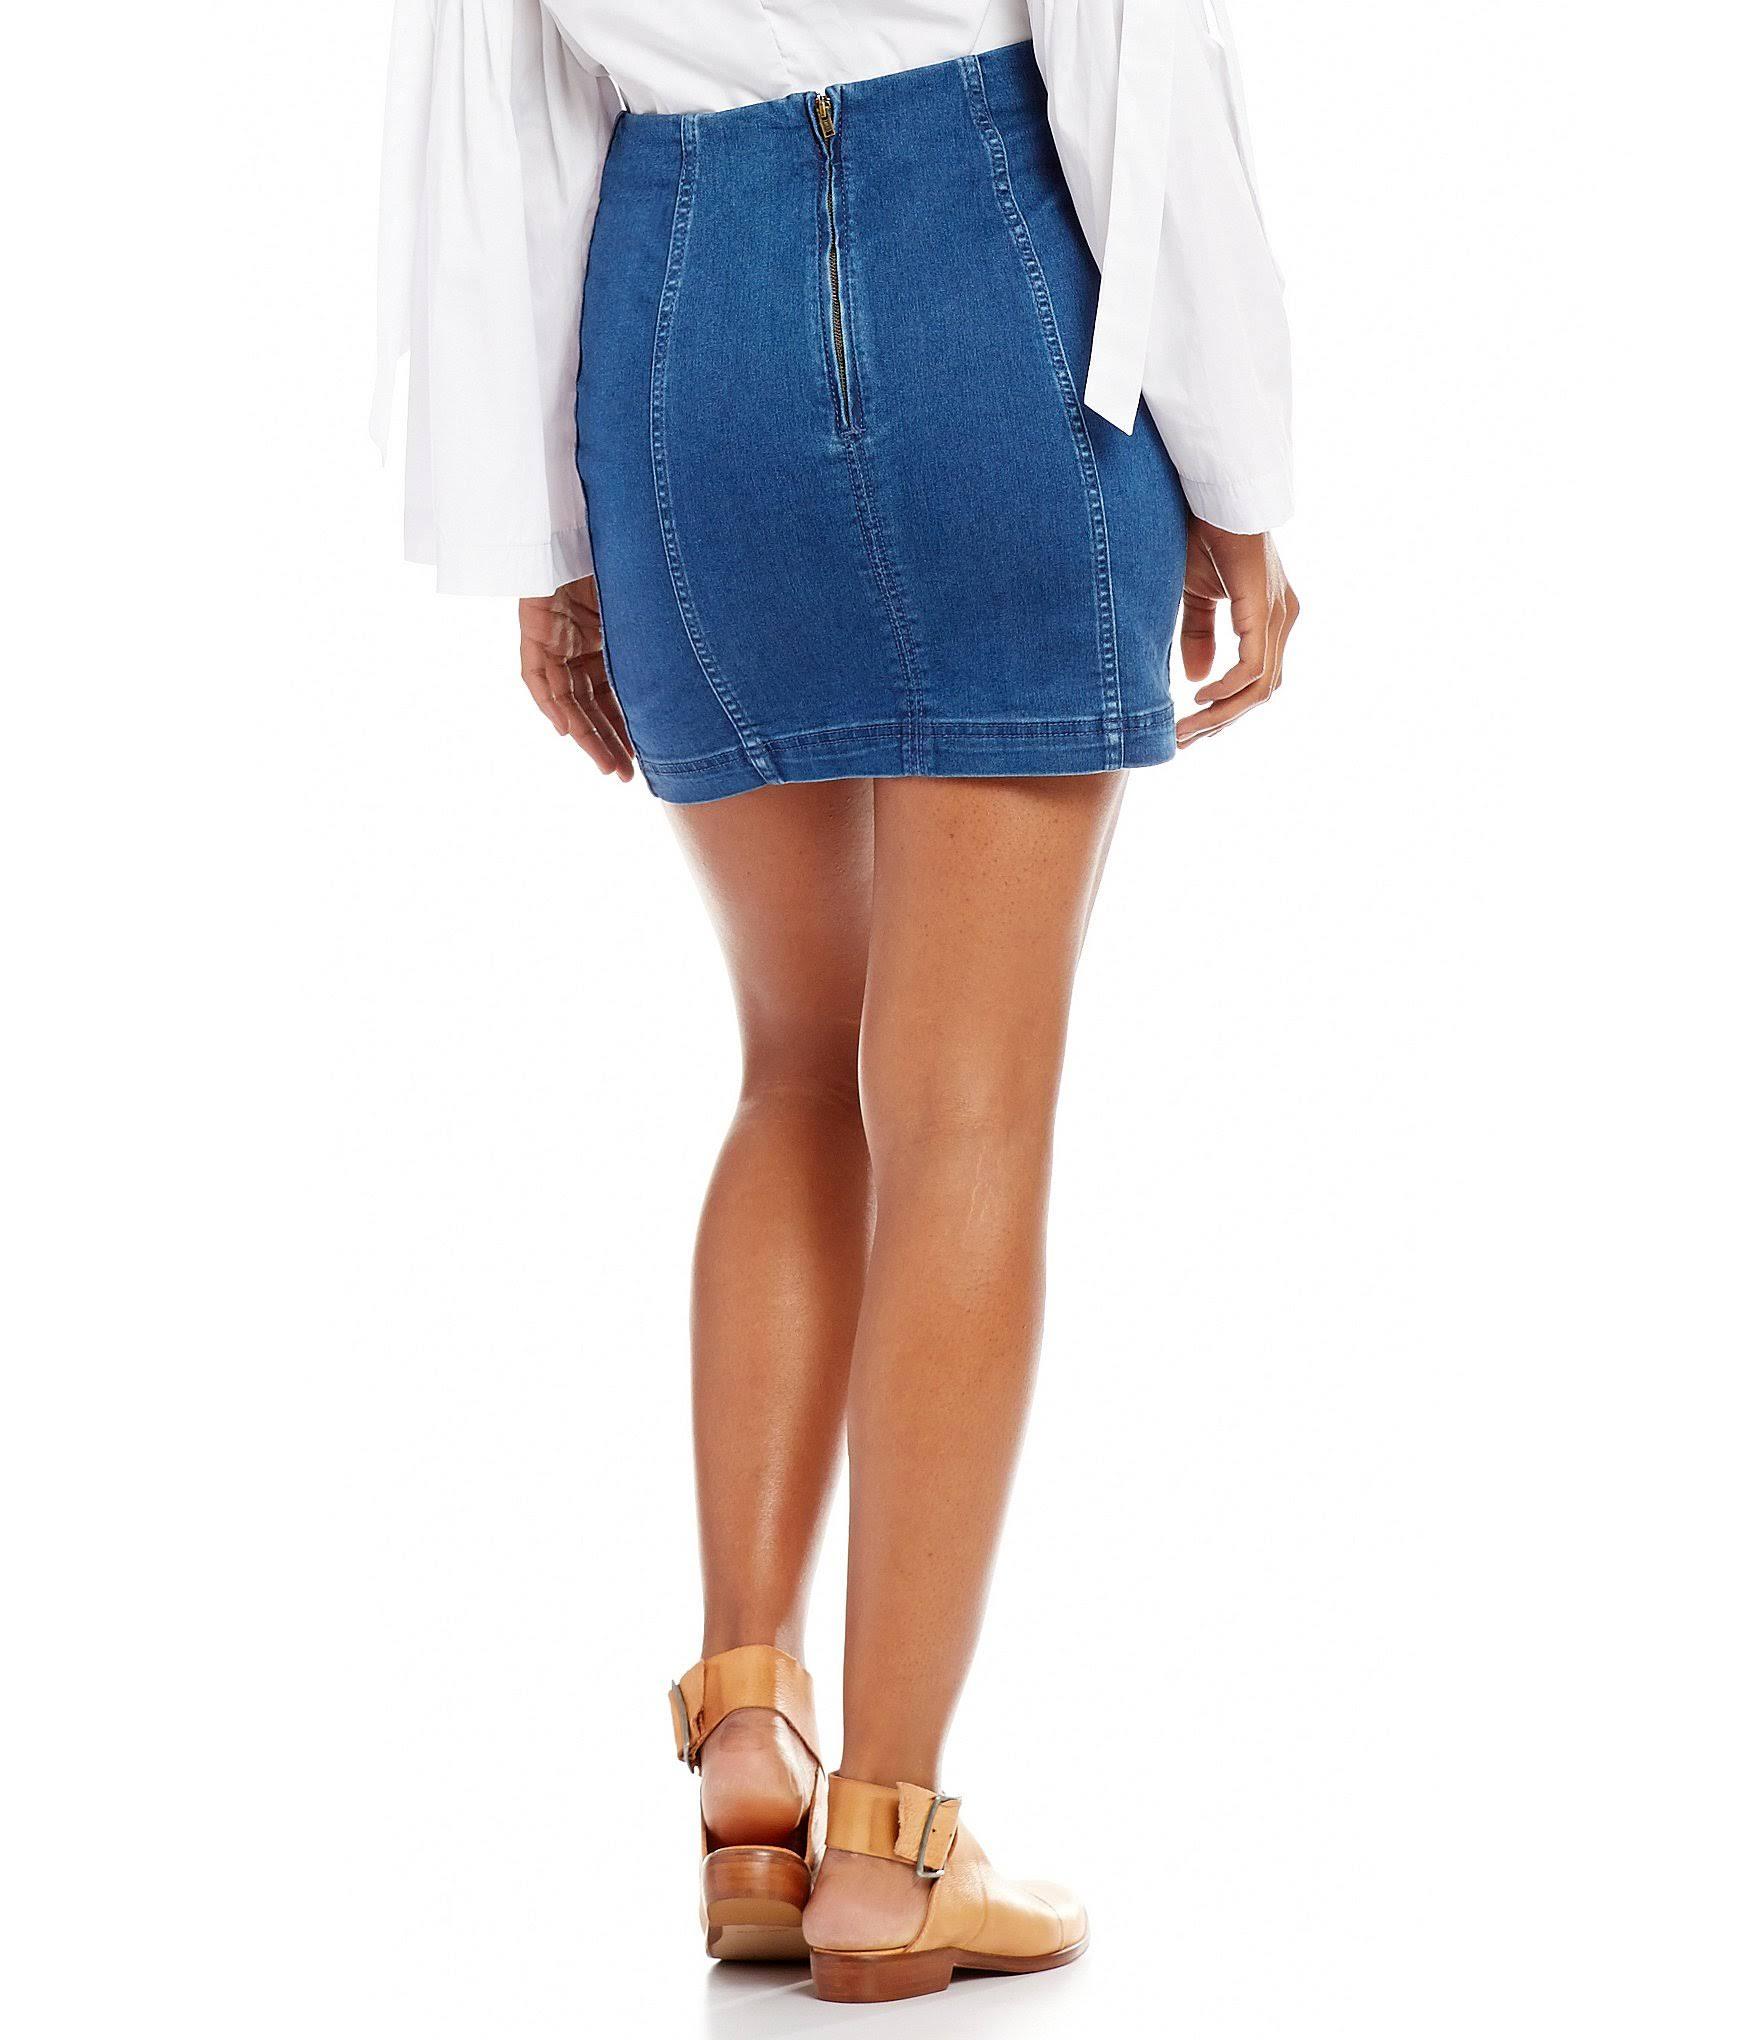 2 Skirt Modern Mini Femme Denim Free People Dark TqwU00